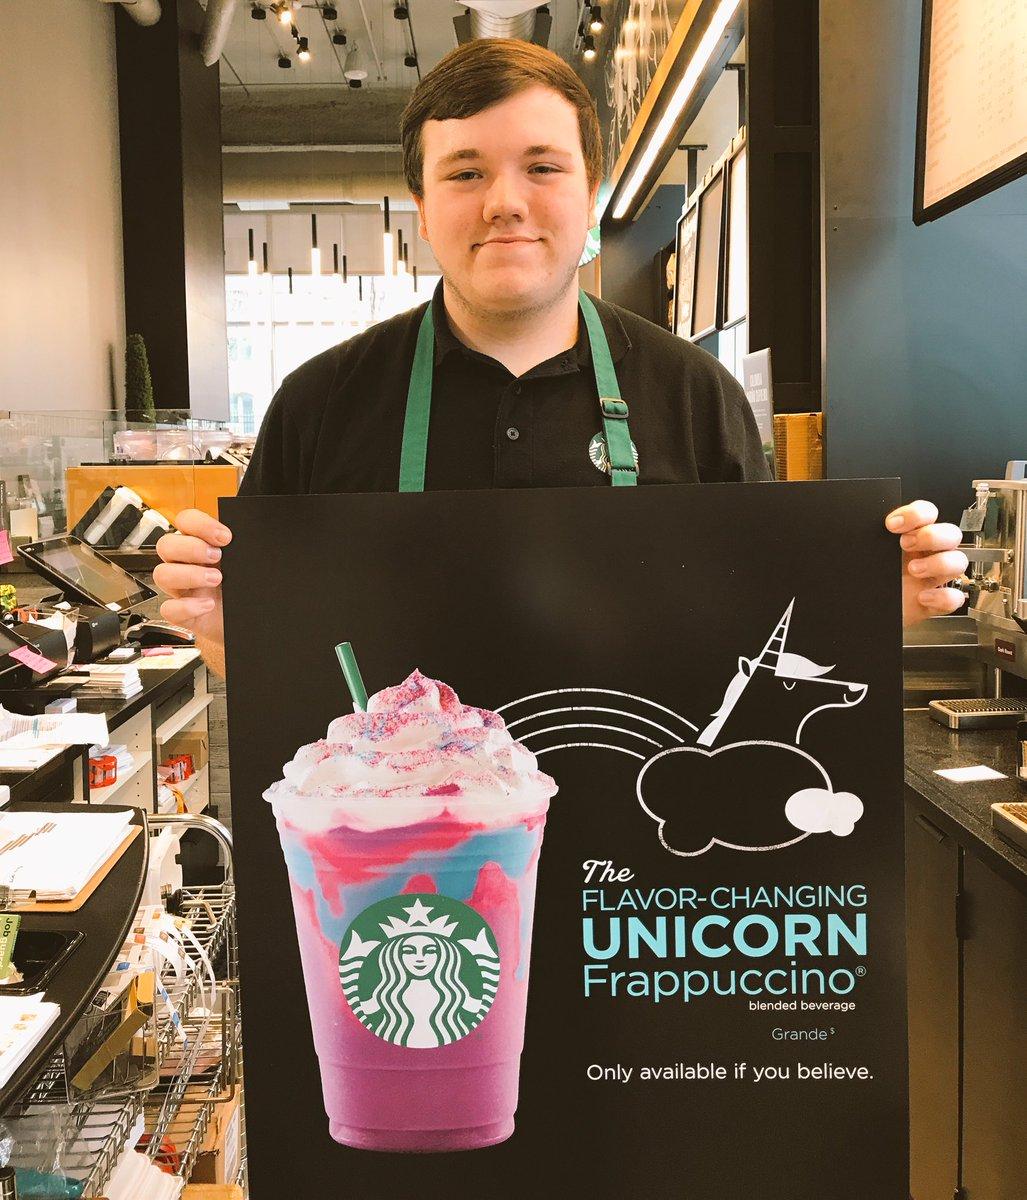 Qualche giorno fa, Starbucks Japan ha messo sul mercato l'American Cherry Pie Frappuccino con cupola di biscotto, oggi invece vi parliamo di Unicorn Frappuccino!